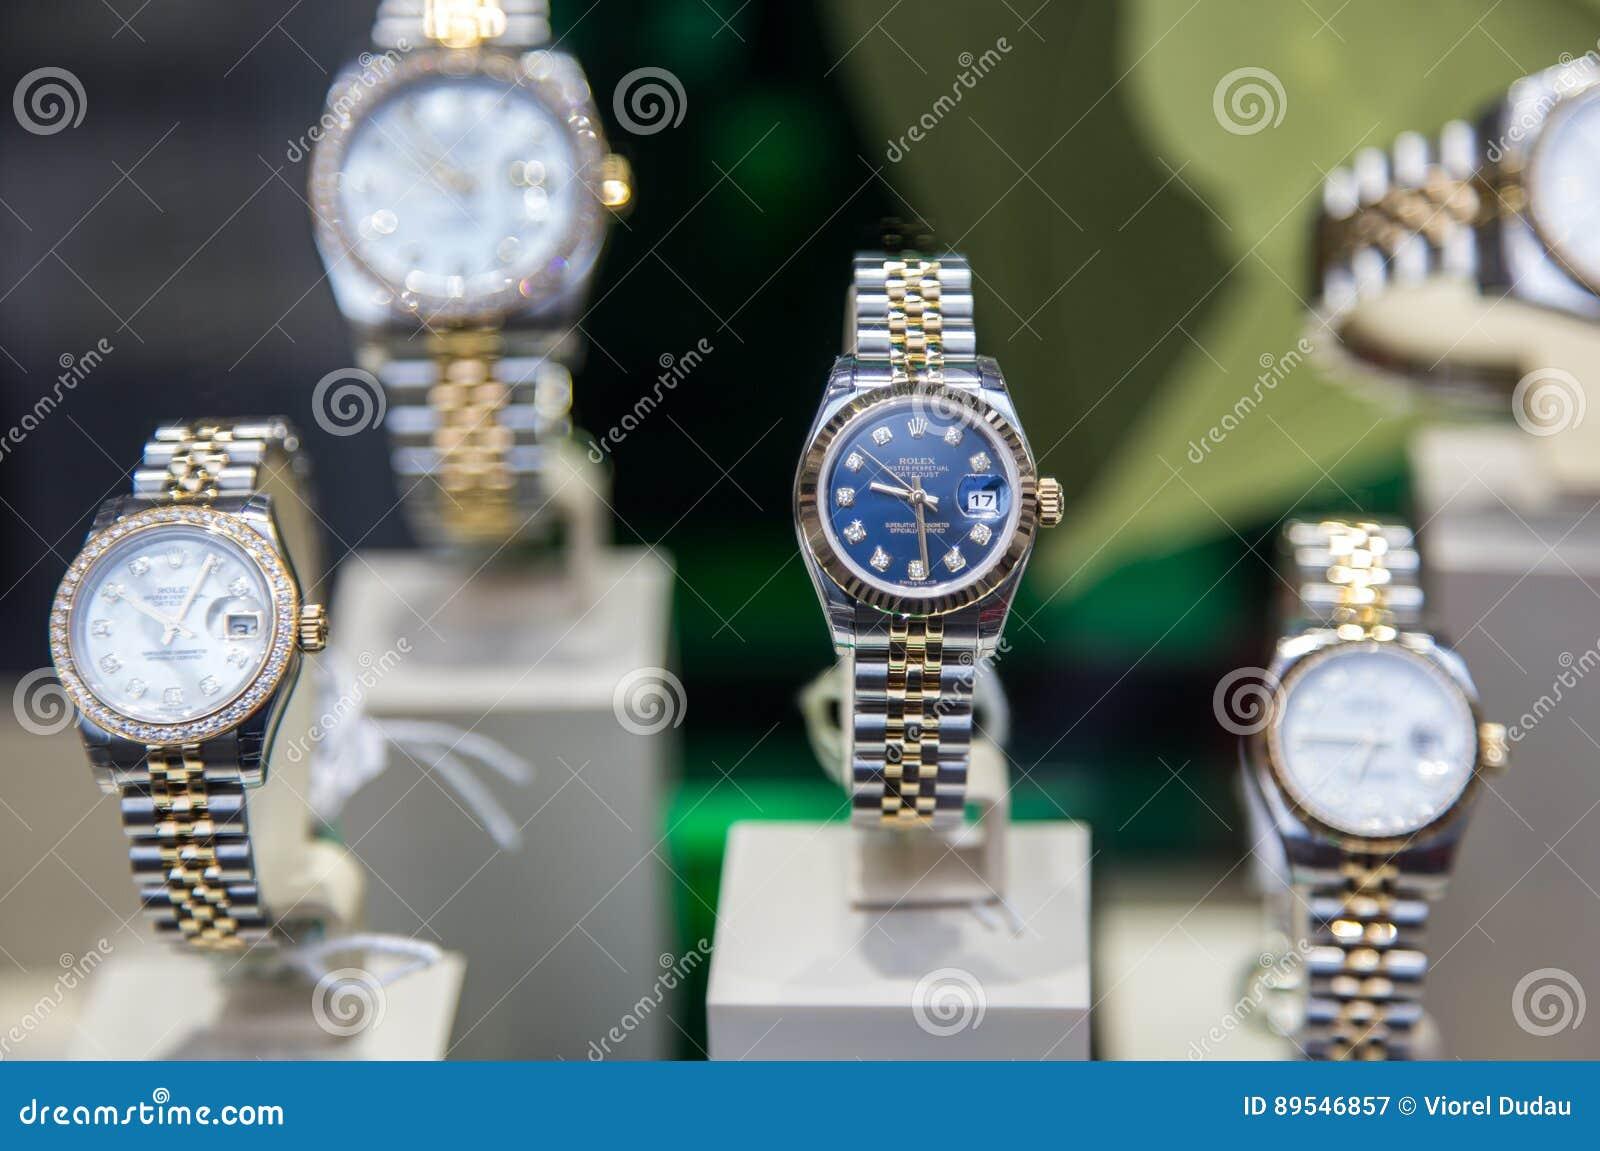 1b9dc3260862c9 Rolex fatto svizzero orologio costoso è visualizzato per la vendita nel negozio  di lusso degli orologi